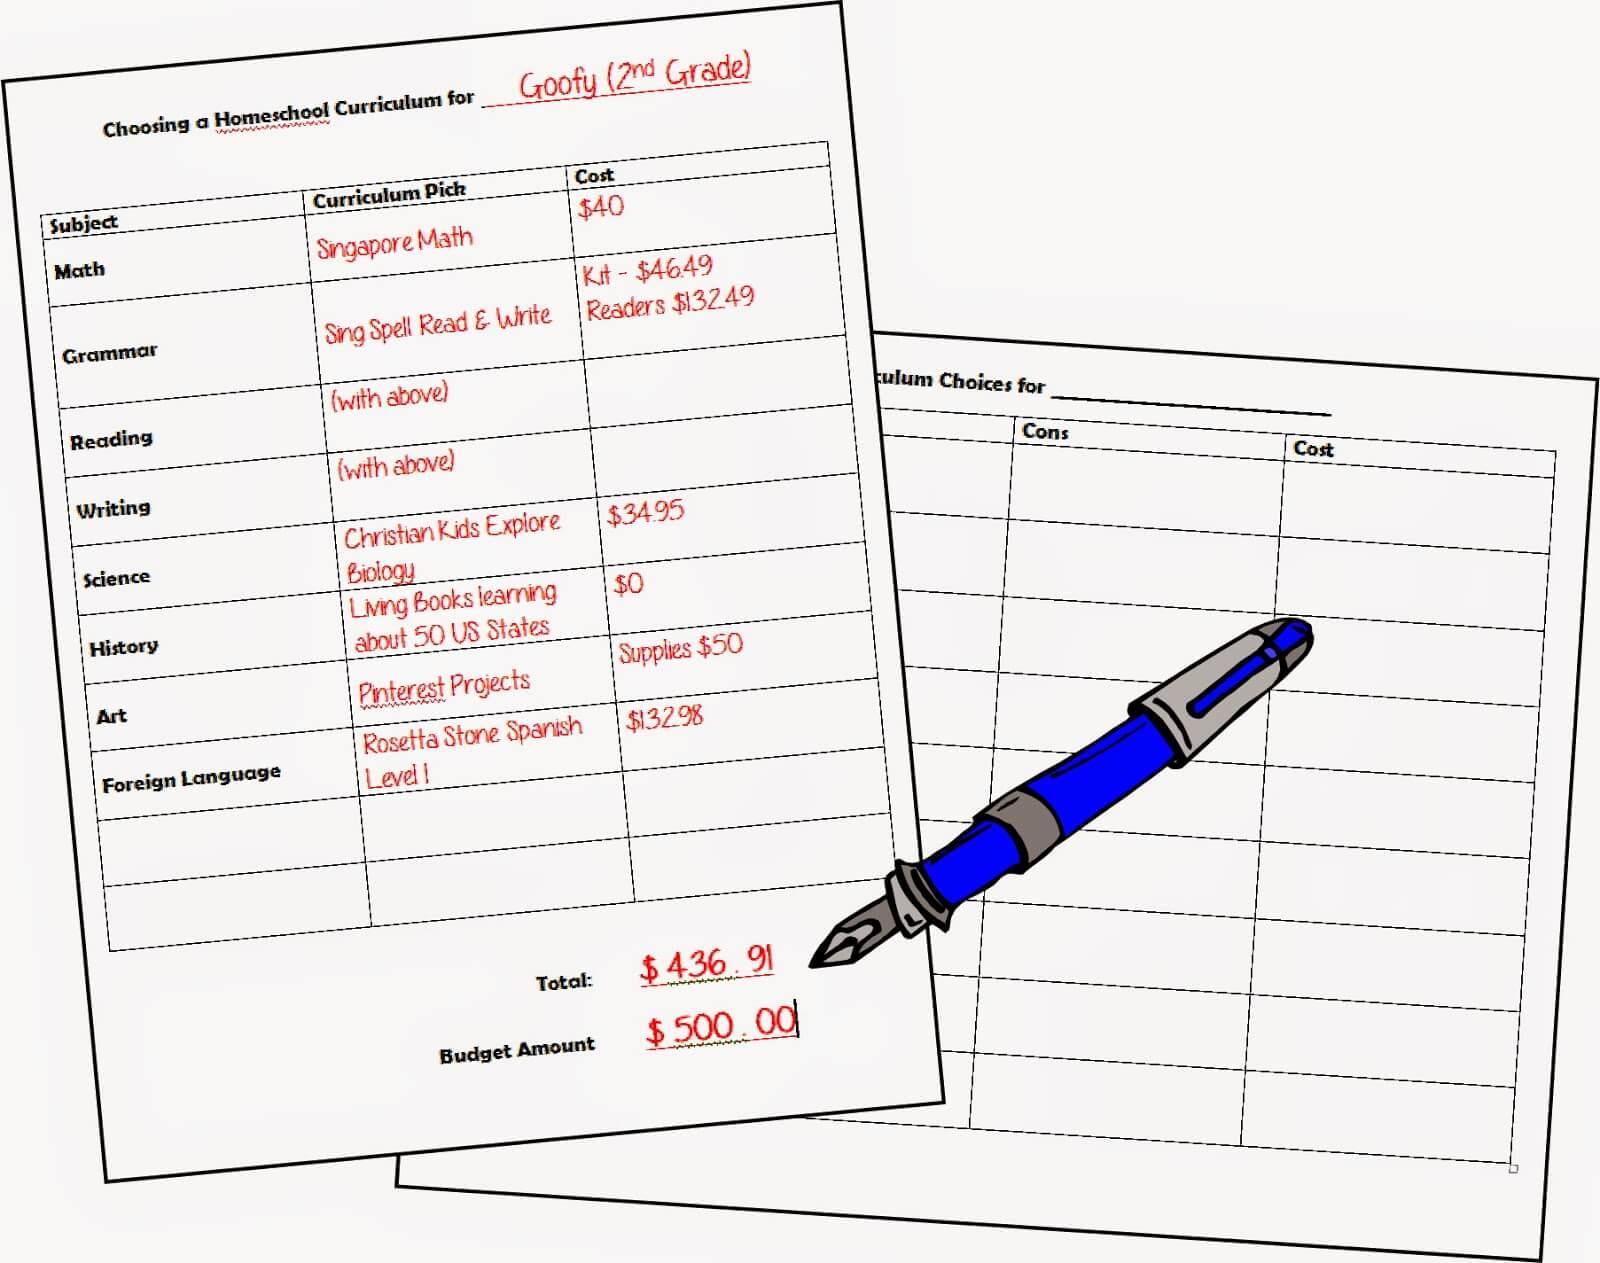 Free Printable Homeschool Curriculum Worksheets